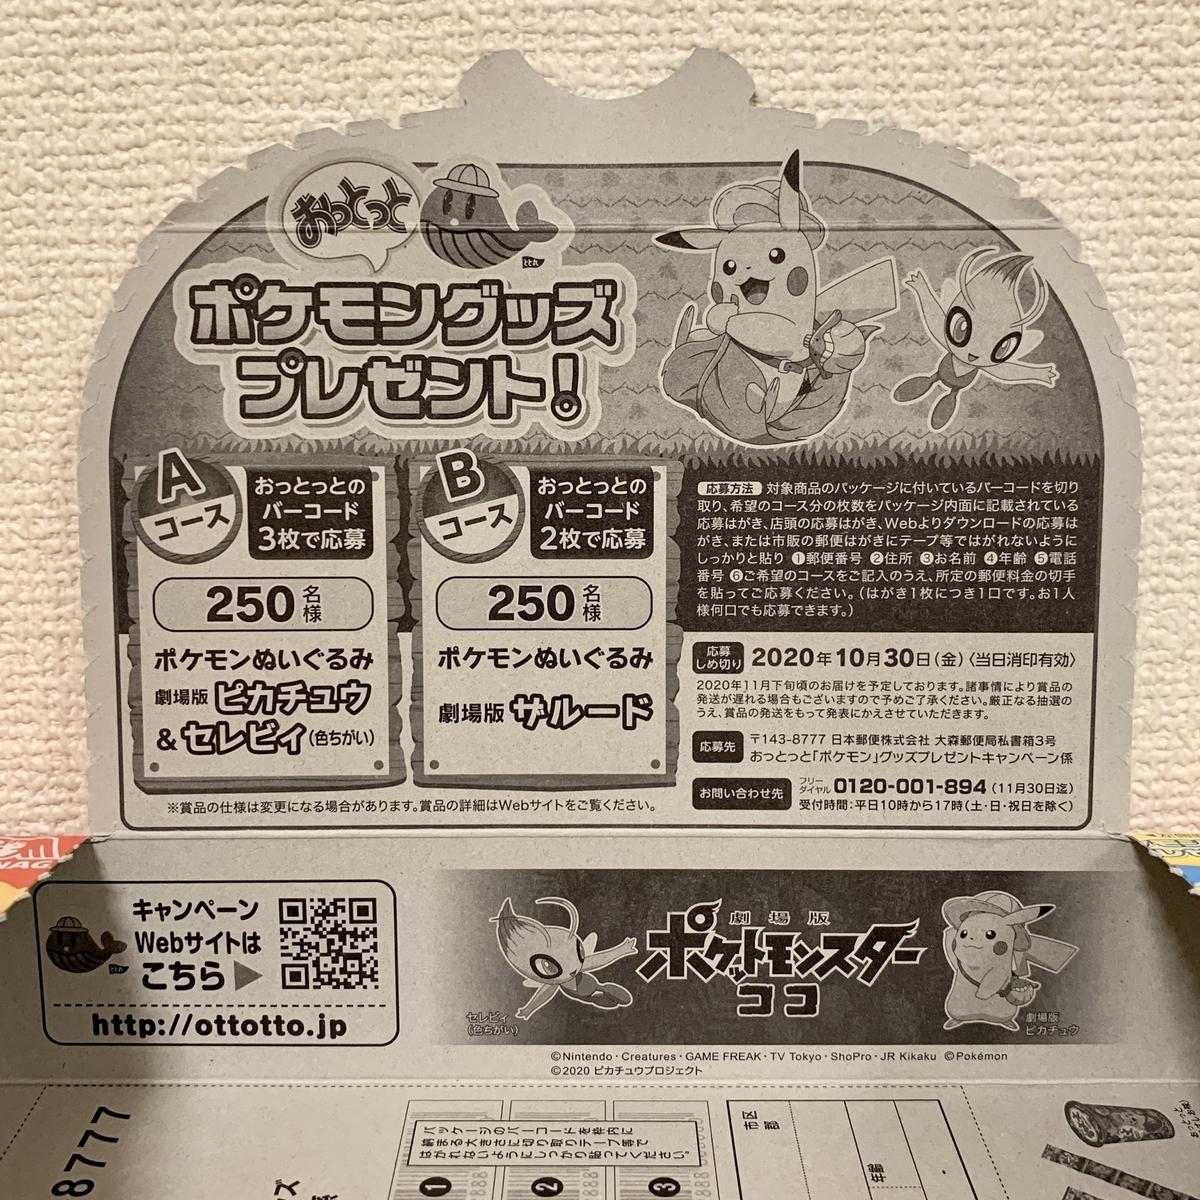 f:id:pikachu_pcn:20200630181900j:plain